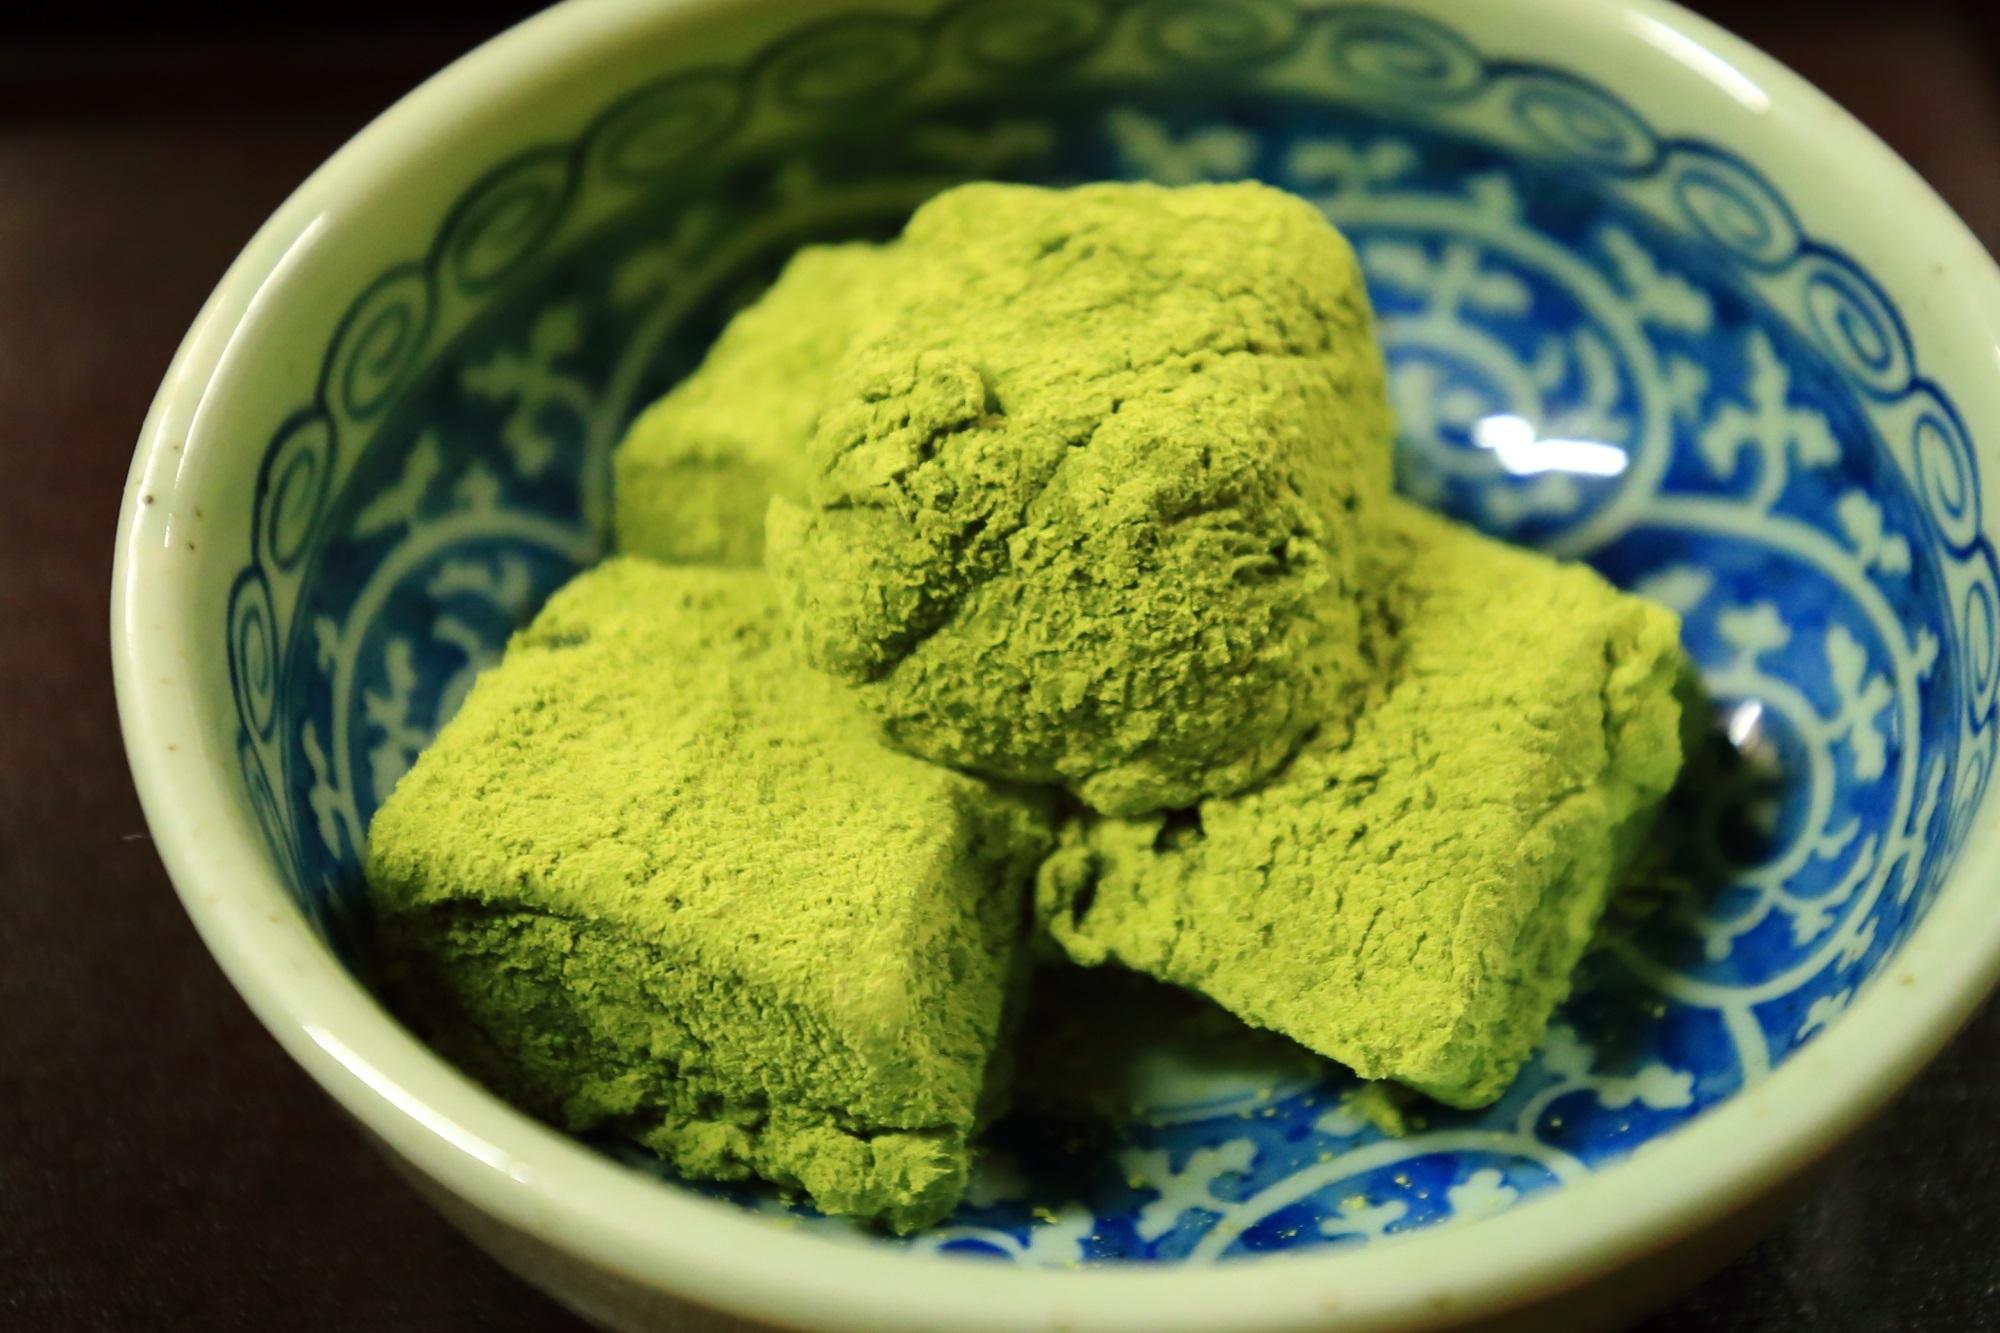 梅園の濃厚な抹茶の苦味と風味が利いた柔らかいわらび餅